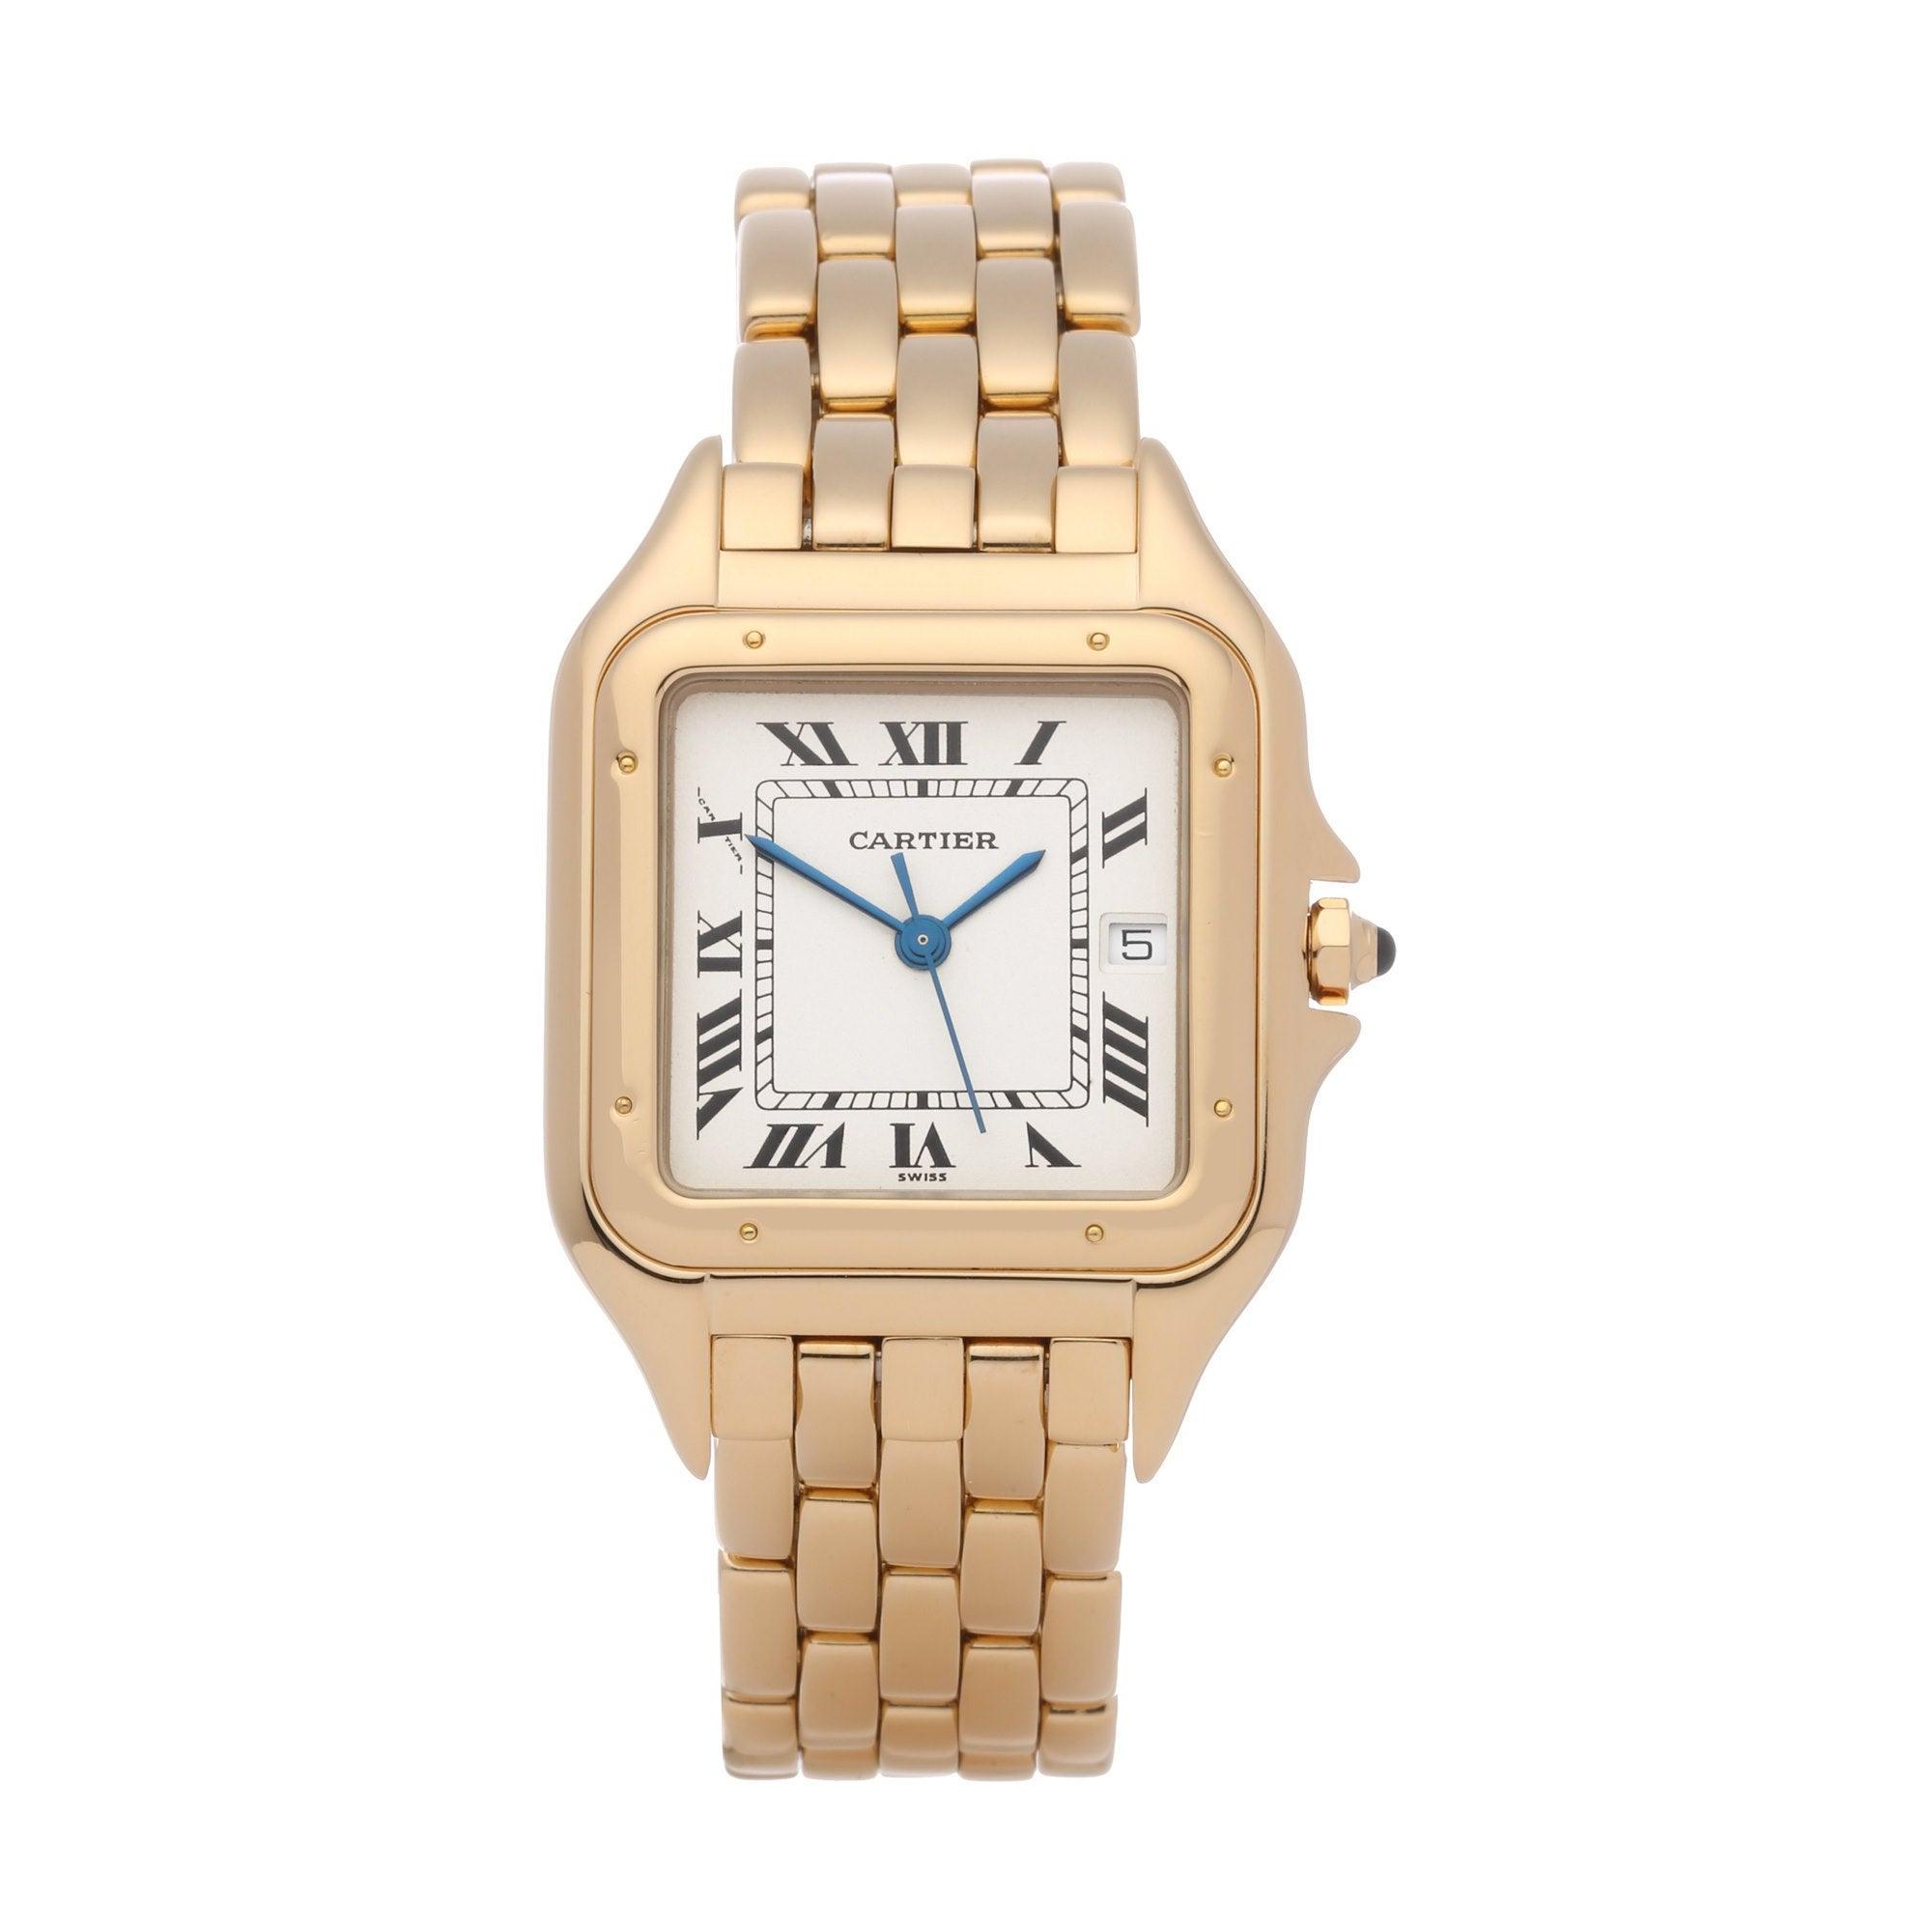 Cartier Panthère 887968 Men's Yellow Gold Watch